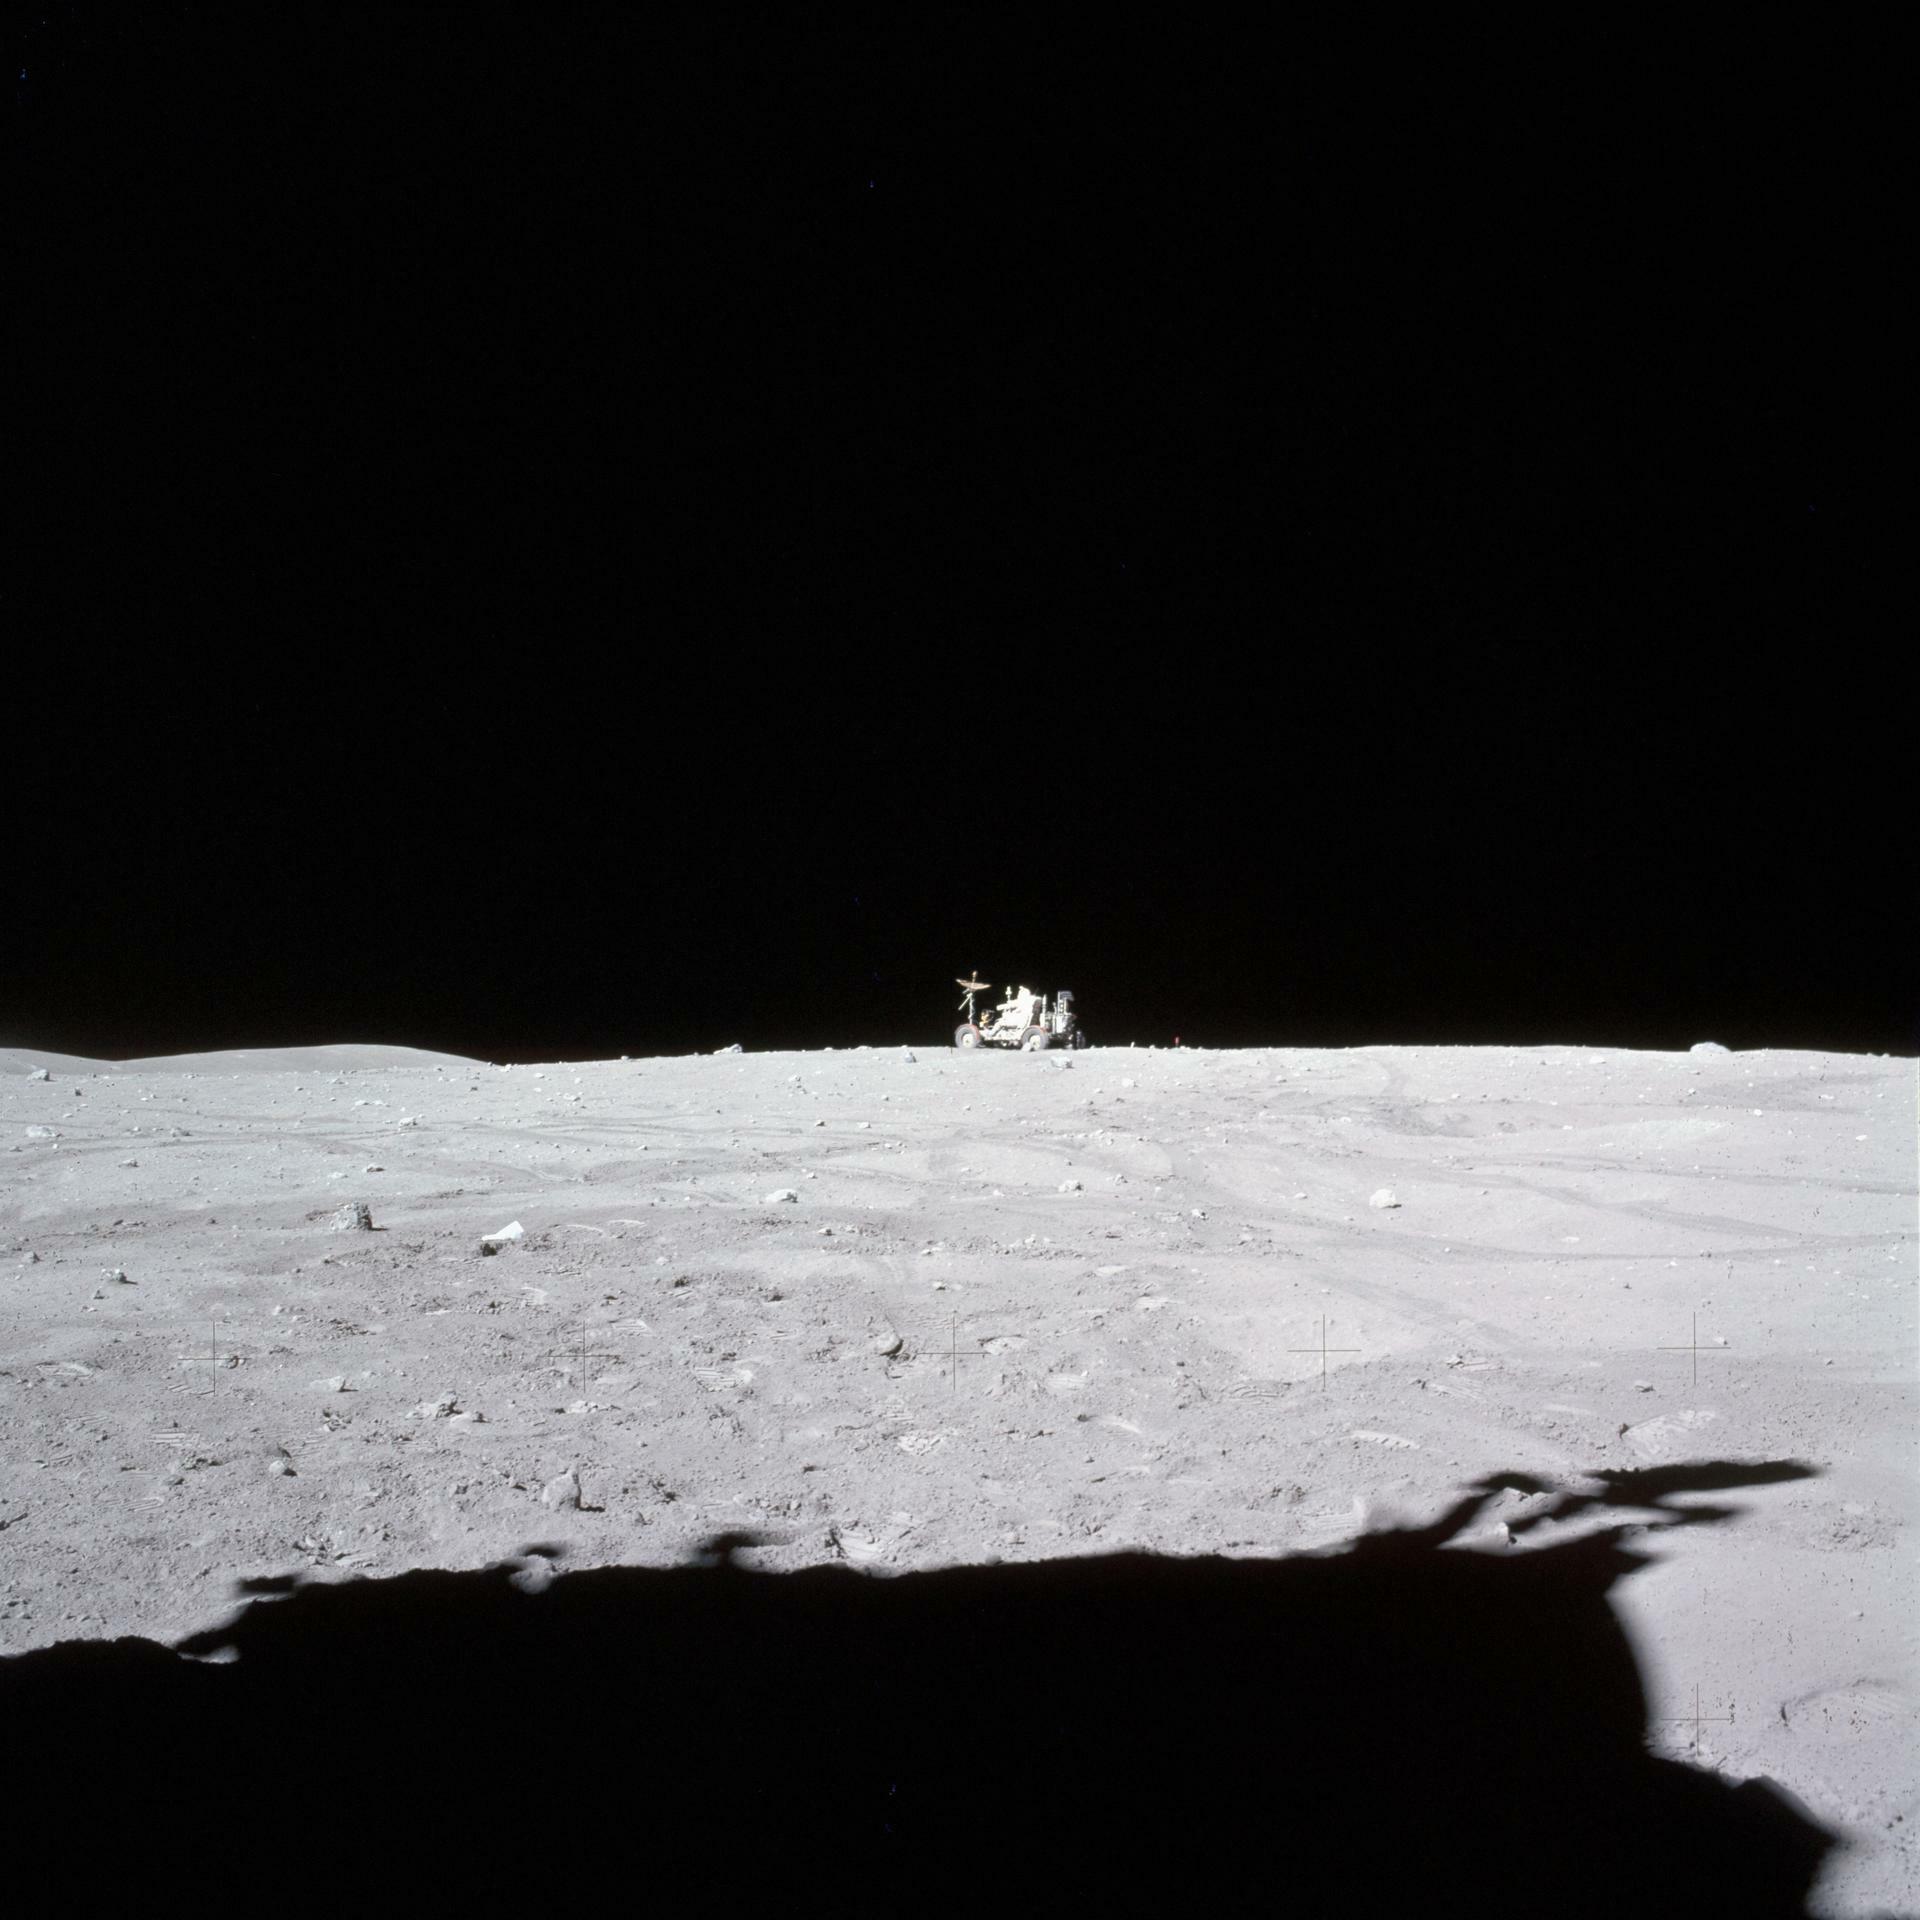 Hace cincuenta años, los astronautas de la NASA viajaron a la Luna por primera vez.